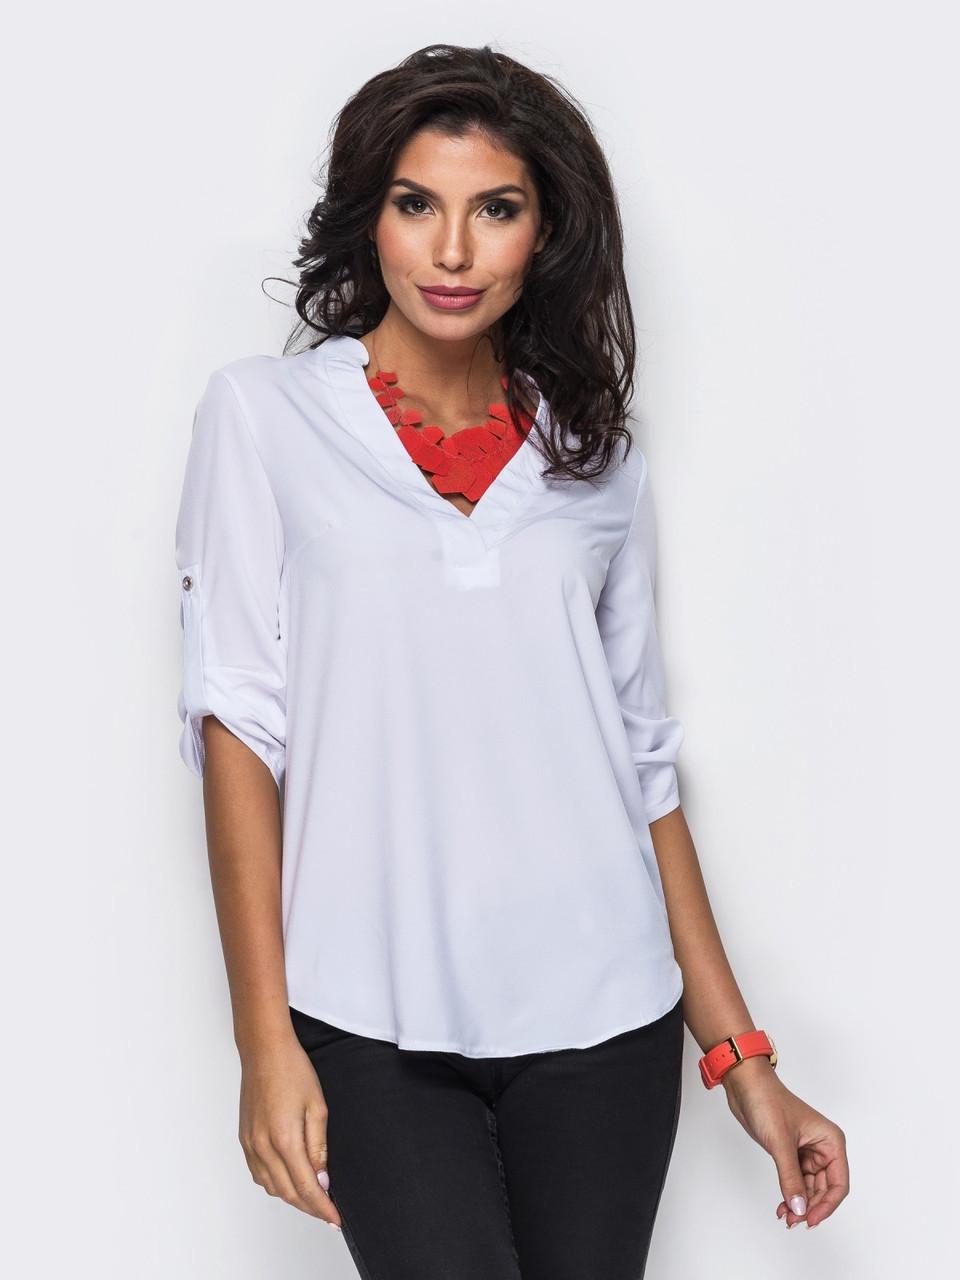 (S, M, L, XL) Зручна повсякденна біла блузка Alora